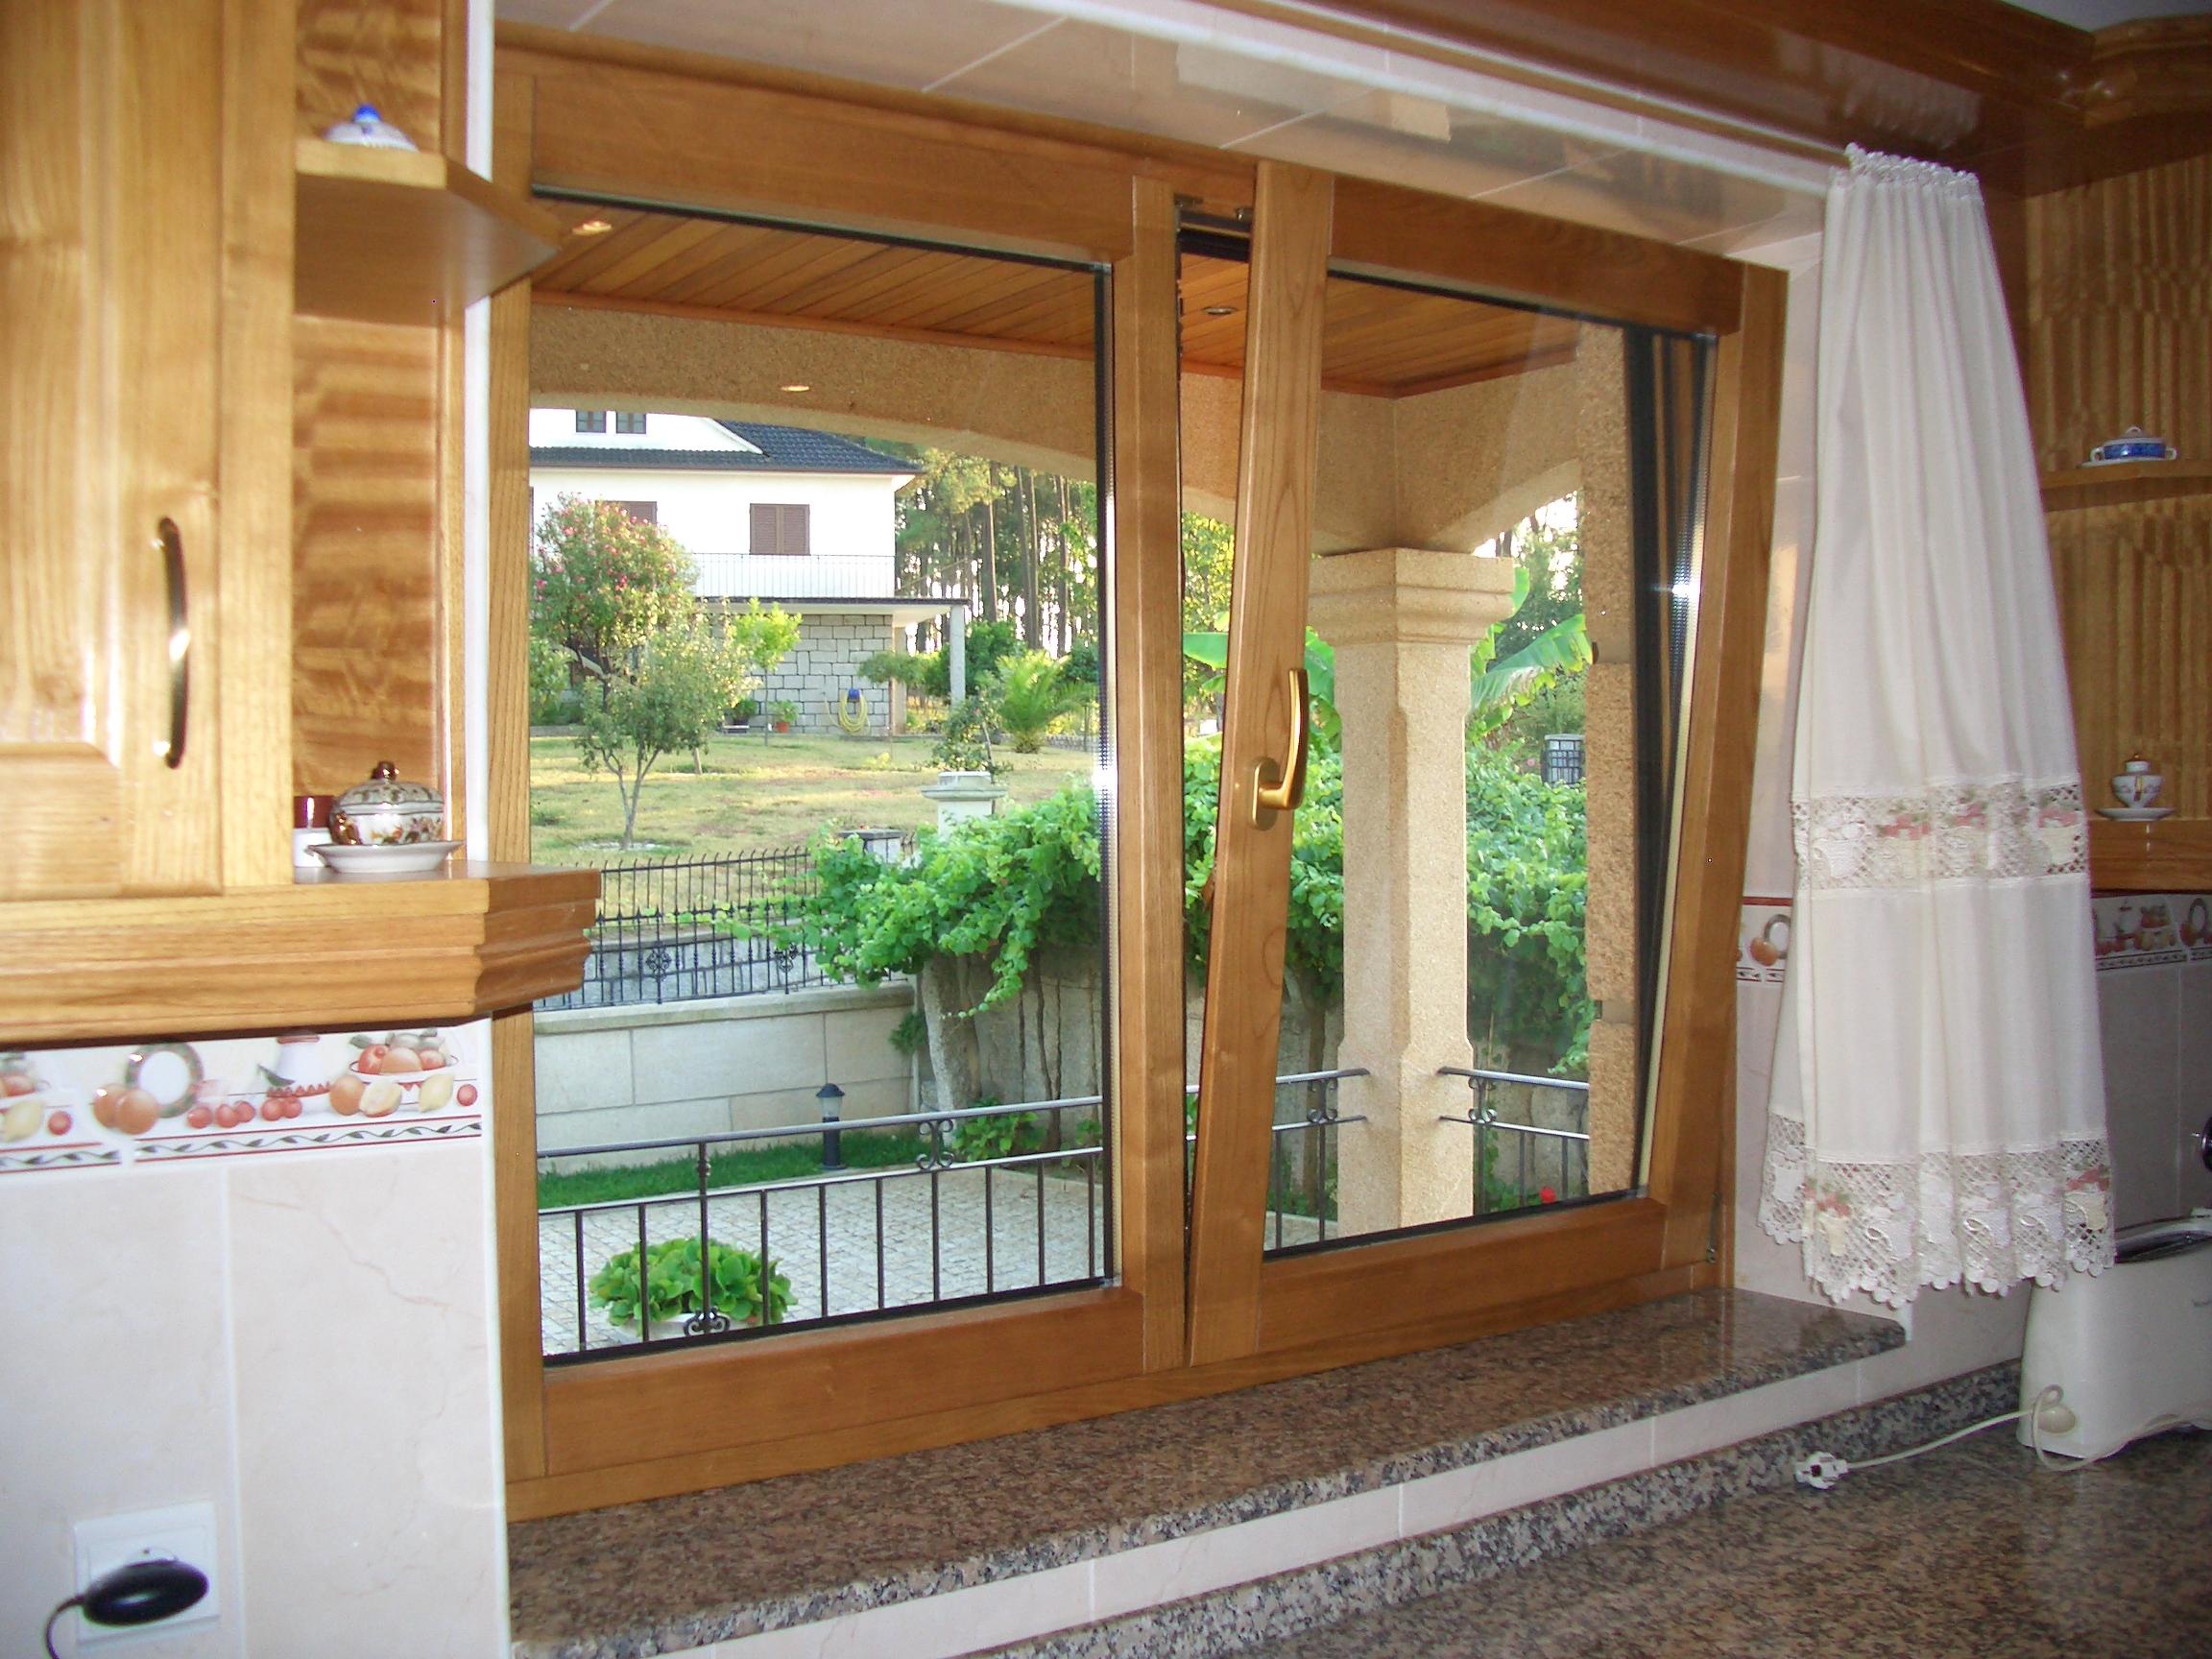 CAIXILHARIA MADEIRA janela em madeira modelo classico janela em  #6C4729 2304 1728